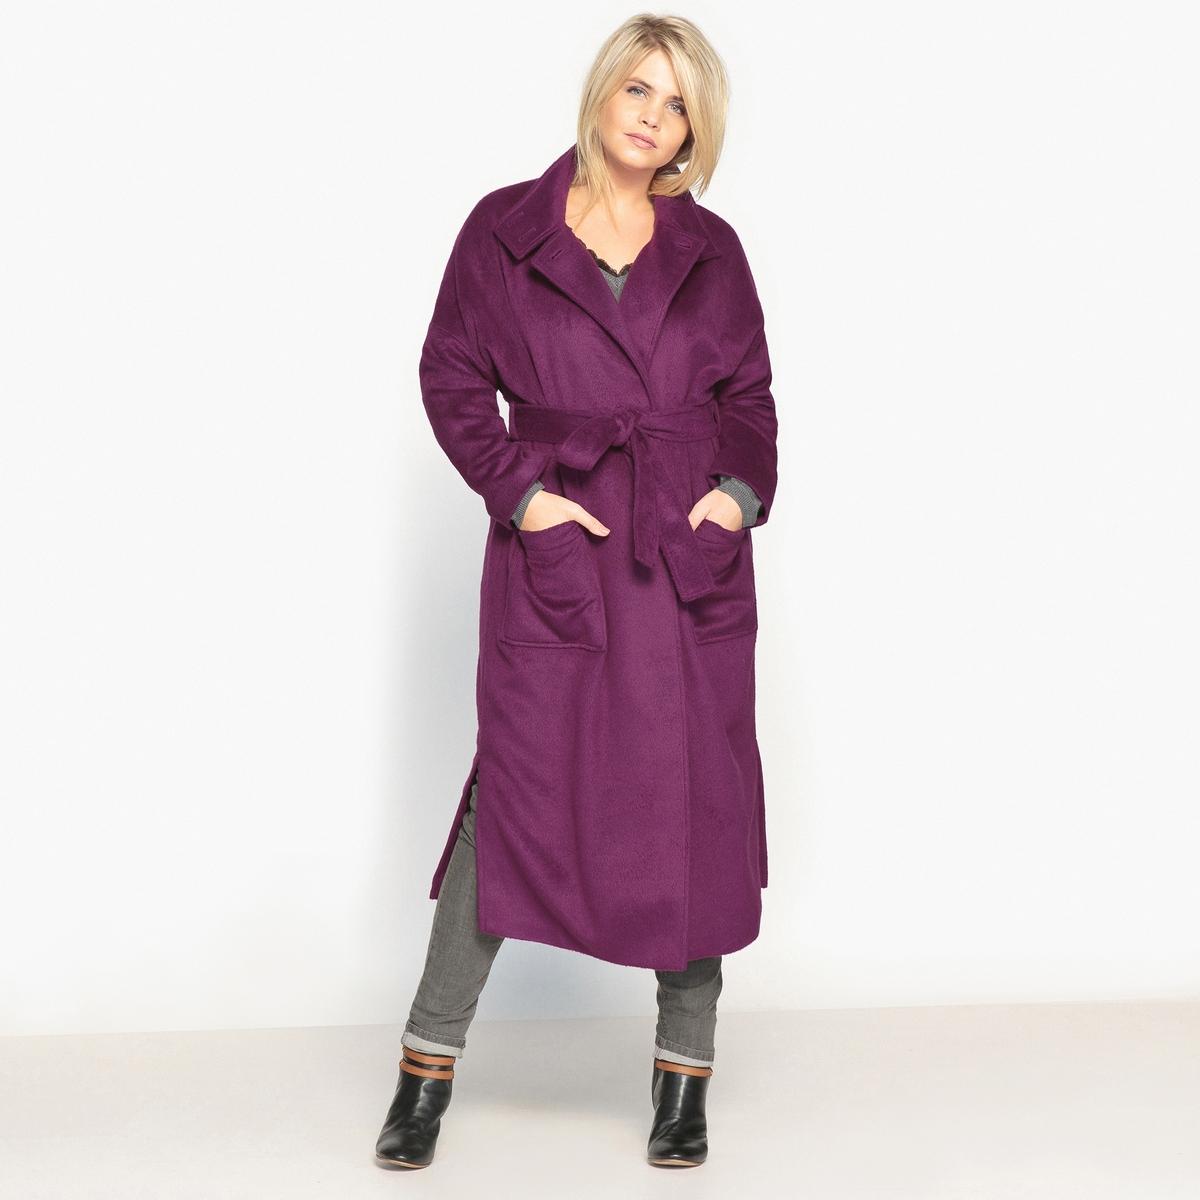 ПальтоОписание:Красивое и стильное длинное пальто с поясом. Очень изящное длинное пальто отлично дополнит Ваш зимний гардероб. Подарите себе это пальто!Детали •  Длина : удлиненная модель •  Воротник-стойка • Застежка на пуговицыСостав и уход •  15% вискозы, 85% полиэстера •  Подкладка : 100% полиэстер • Не стирать •  Деликатная сухая чистка / не отбеливать •  Не использовать барабанную сушку  •  Низкая температура глажки Товар из коллекции больших размеров •  Застежка на кнопки. •  Воротник на пуговицах. •  Разрезы сбоку. •  2 накладных кармана. •  Длина : 122,7 см<br><br>Цвет: фиолетовый<br>Размер: 42 (FR) - 48 (RUS).54 (FR) - 60 (RUS).52 (FR) - 58 (RUS).50 (FR) - 56 (RUS).48 (FR) - 54 (RUS).46 (FR) - 52 (RUS).56 (FR) - 62 (RUS)